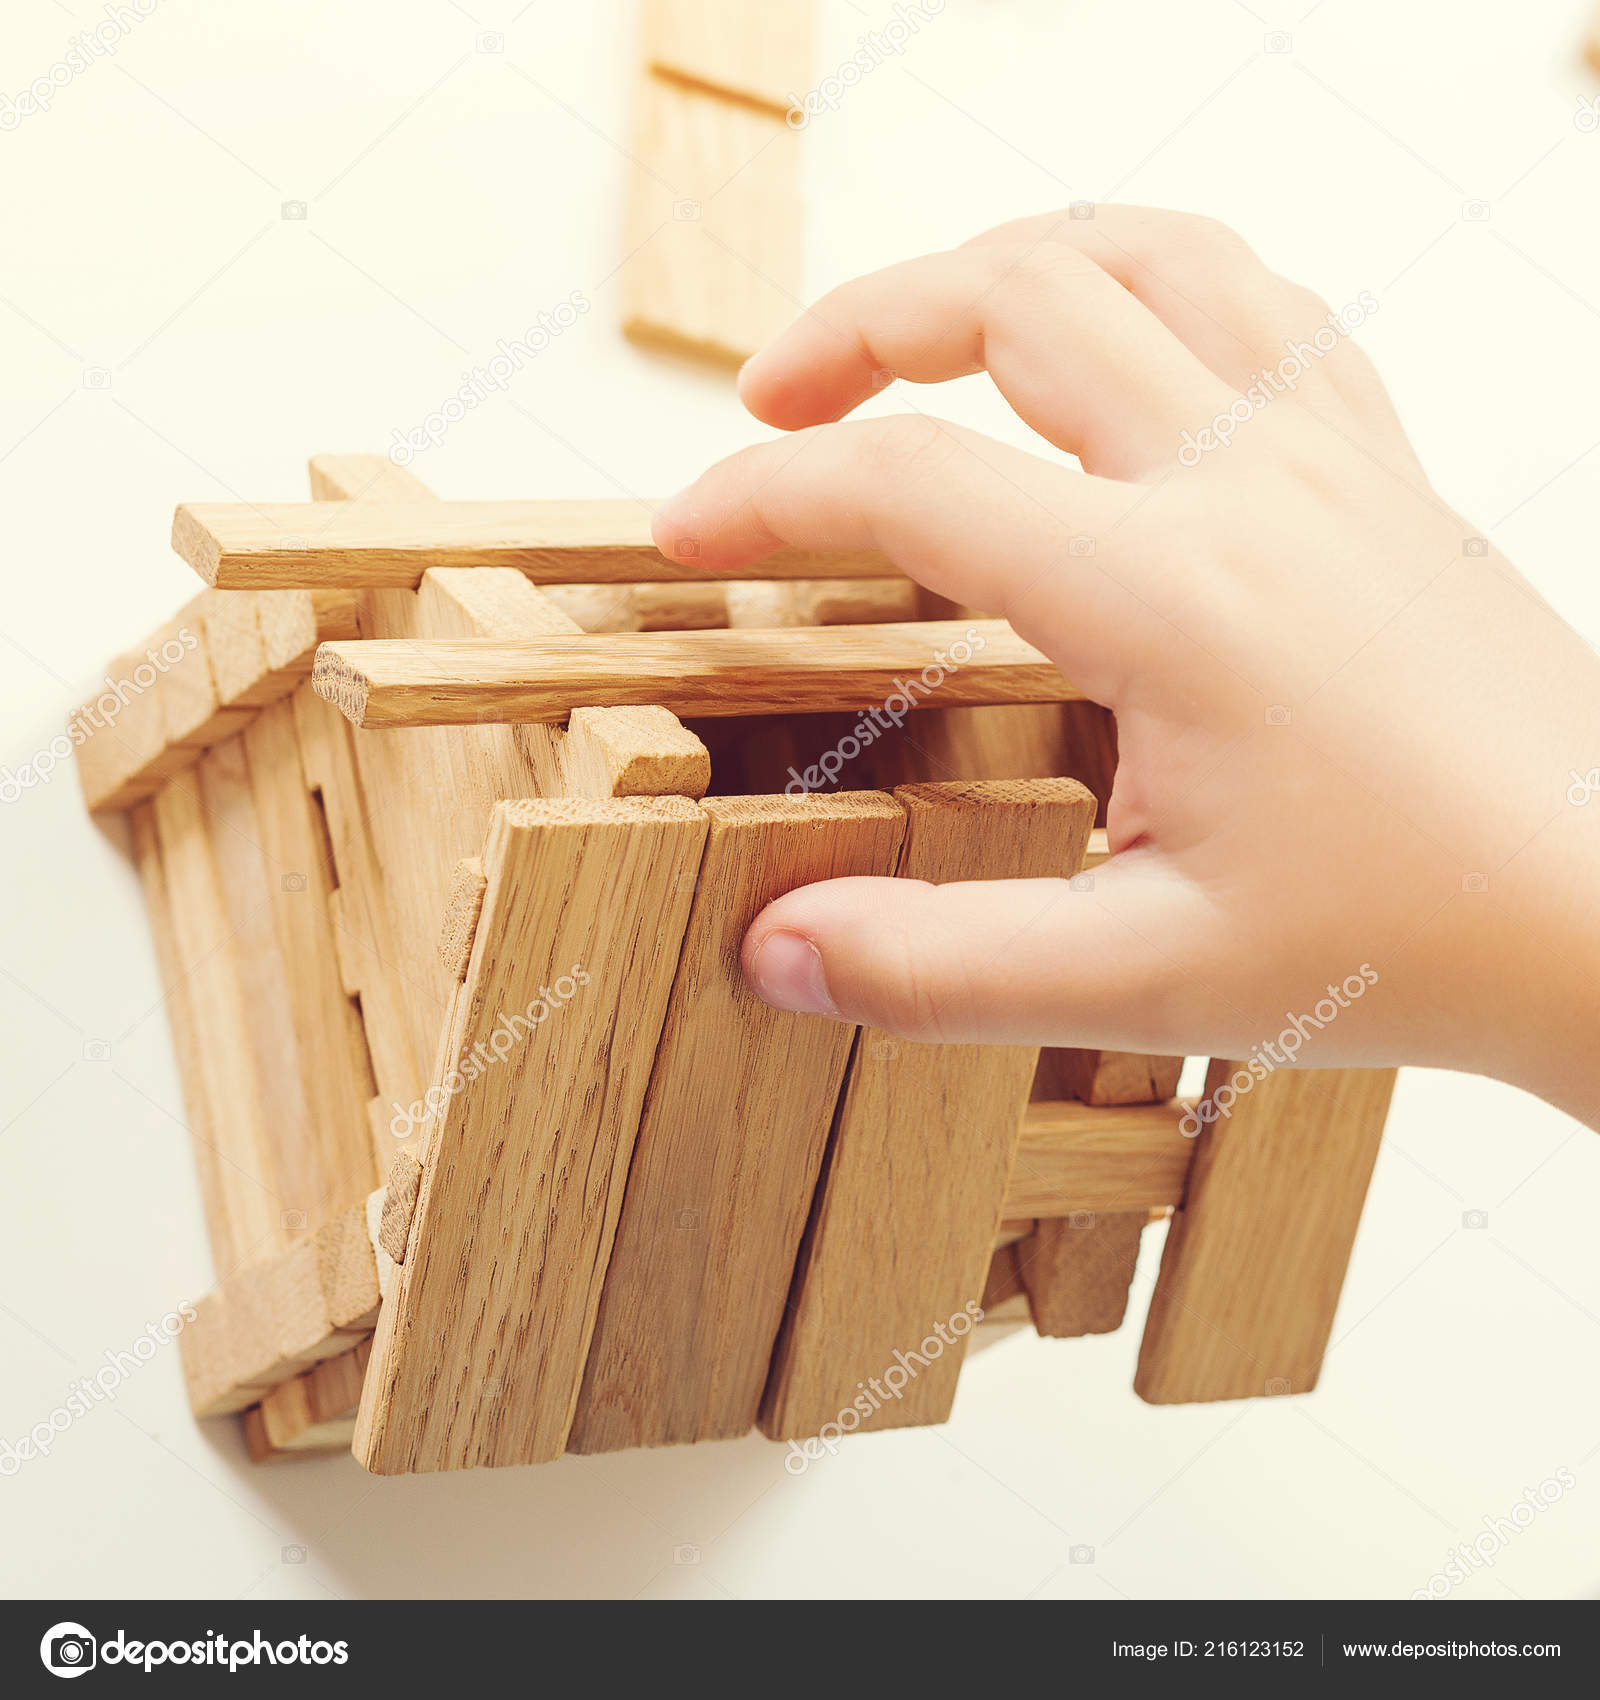 Kleines Holzhaus Modell Holzhaus Bau Mein Haus Konzept Kind ...